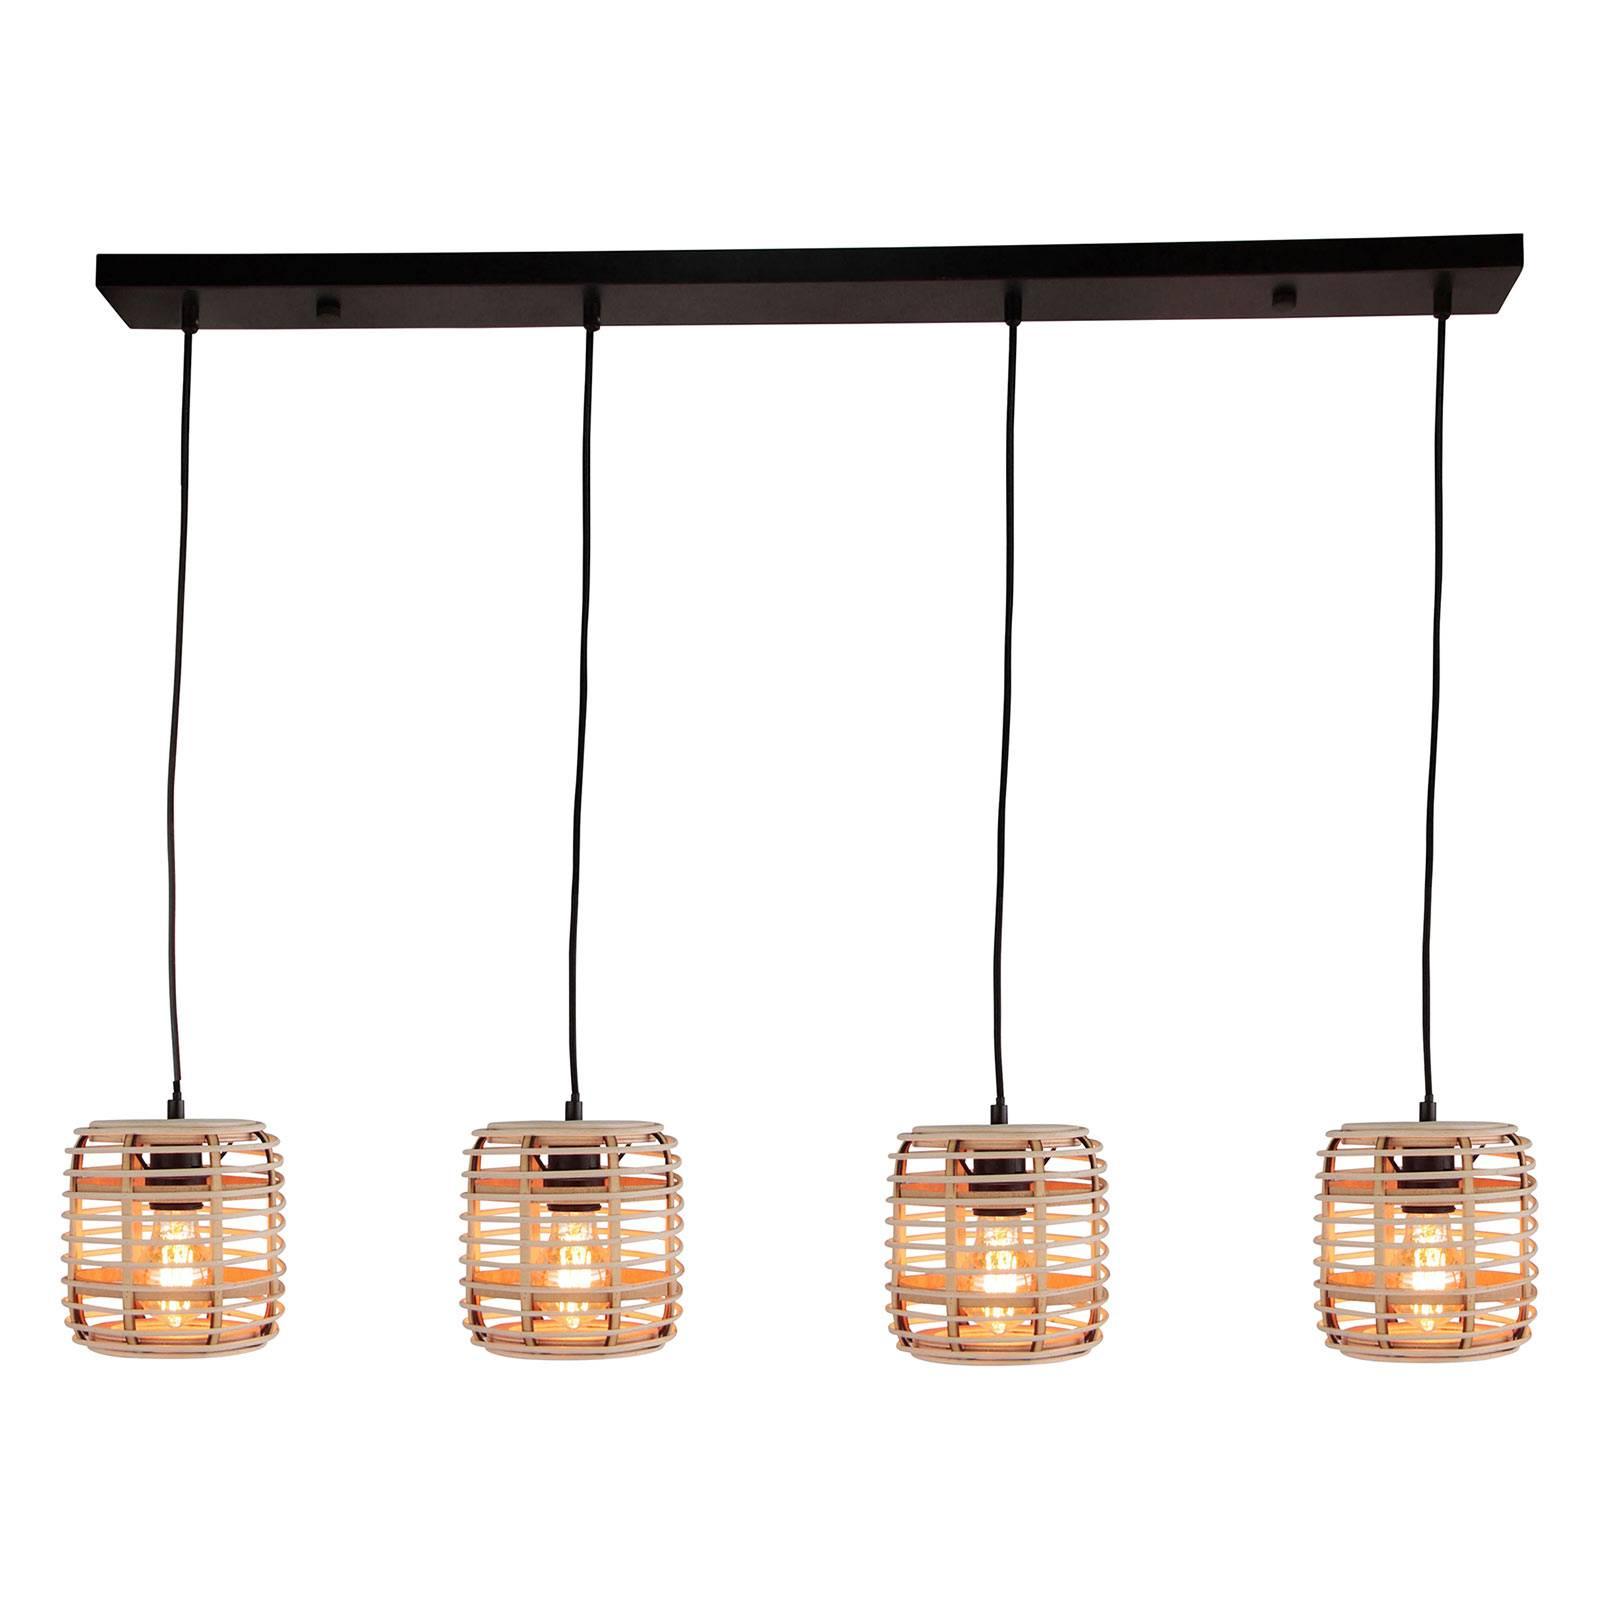 Riippuvalo Crosstown bambuvarjostin 4 lamppuinen